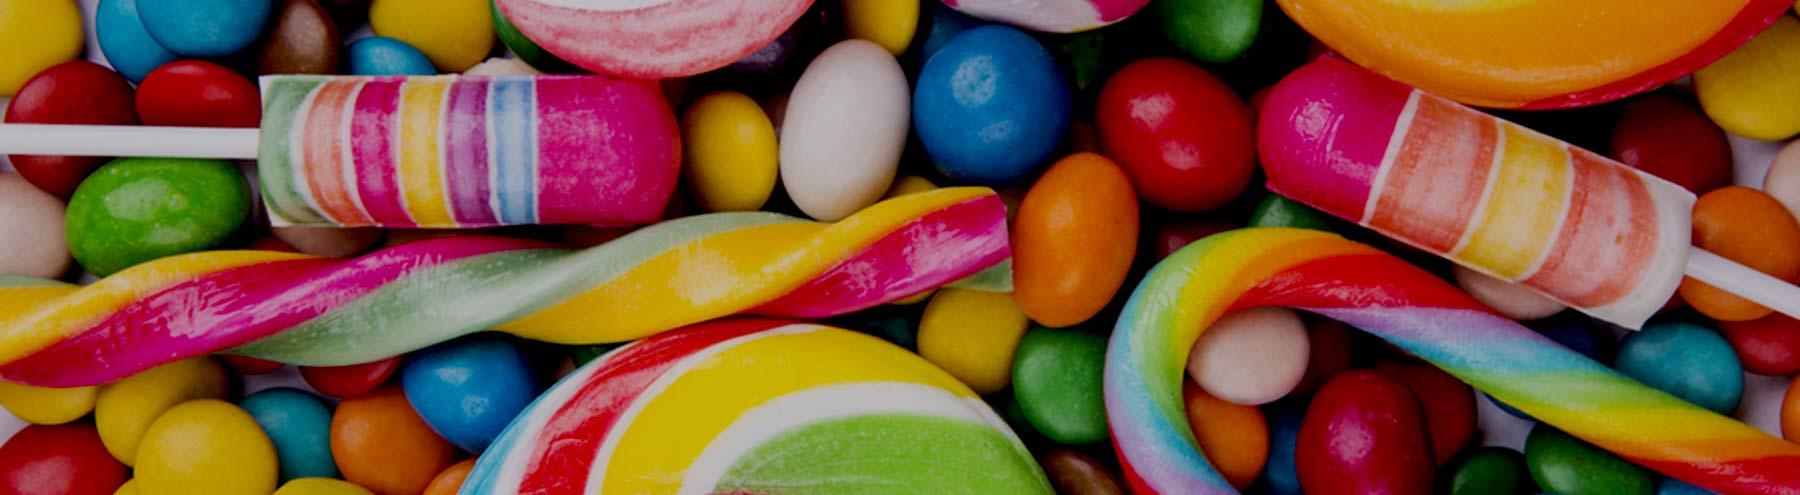 9 דברים שלא ידעתם על סוכריות